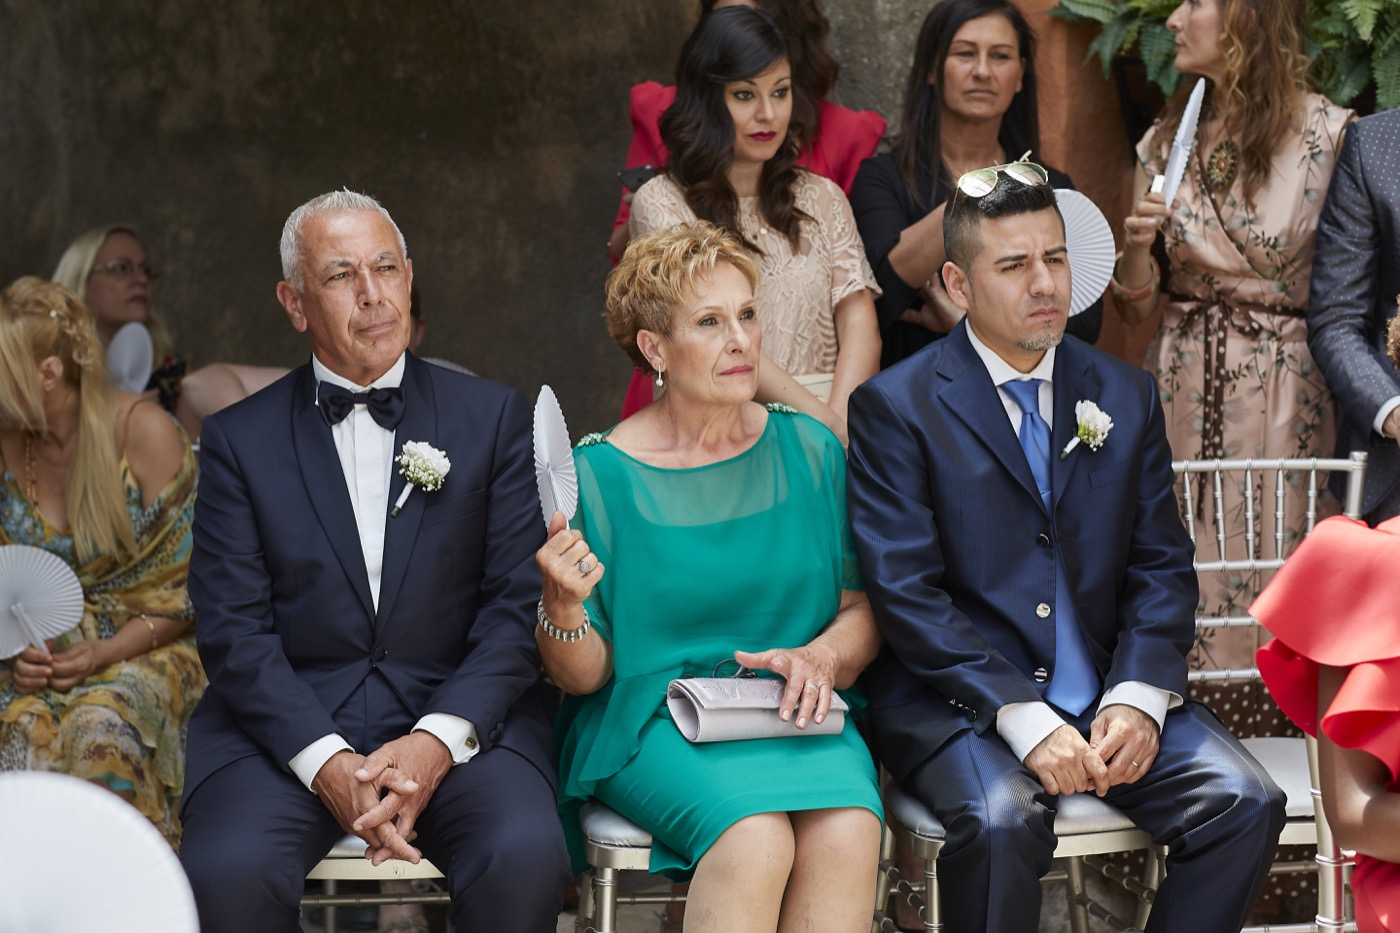 Claudio-Coppola-wedding-photographer-villa-del-cardinale-rocca-di-papa-castel-gandolfo-32